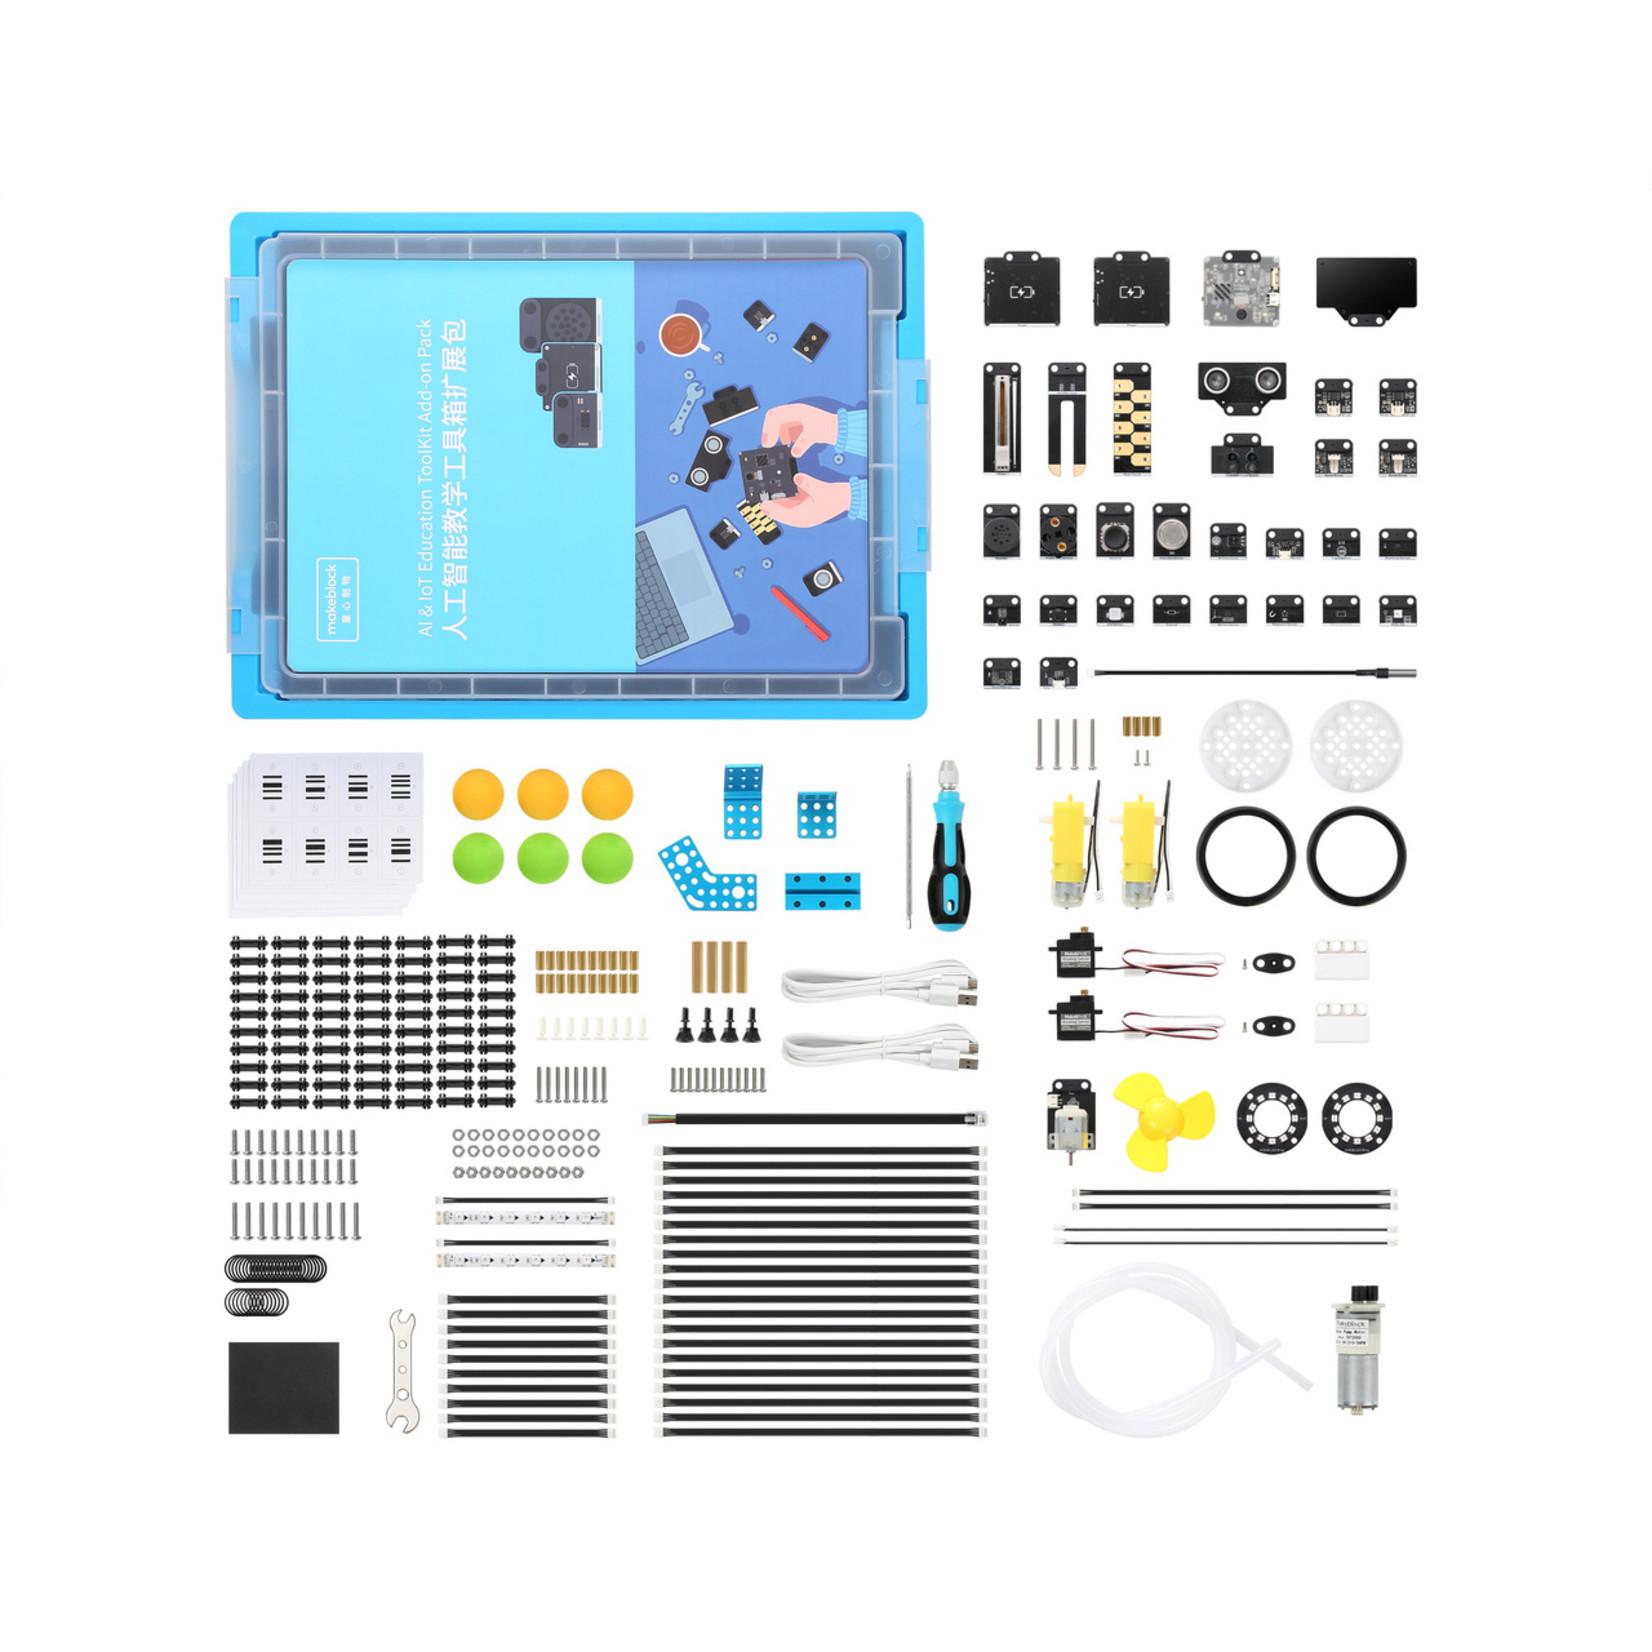 makeblock AI & IoT Education Toolkit Add-on Pack